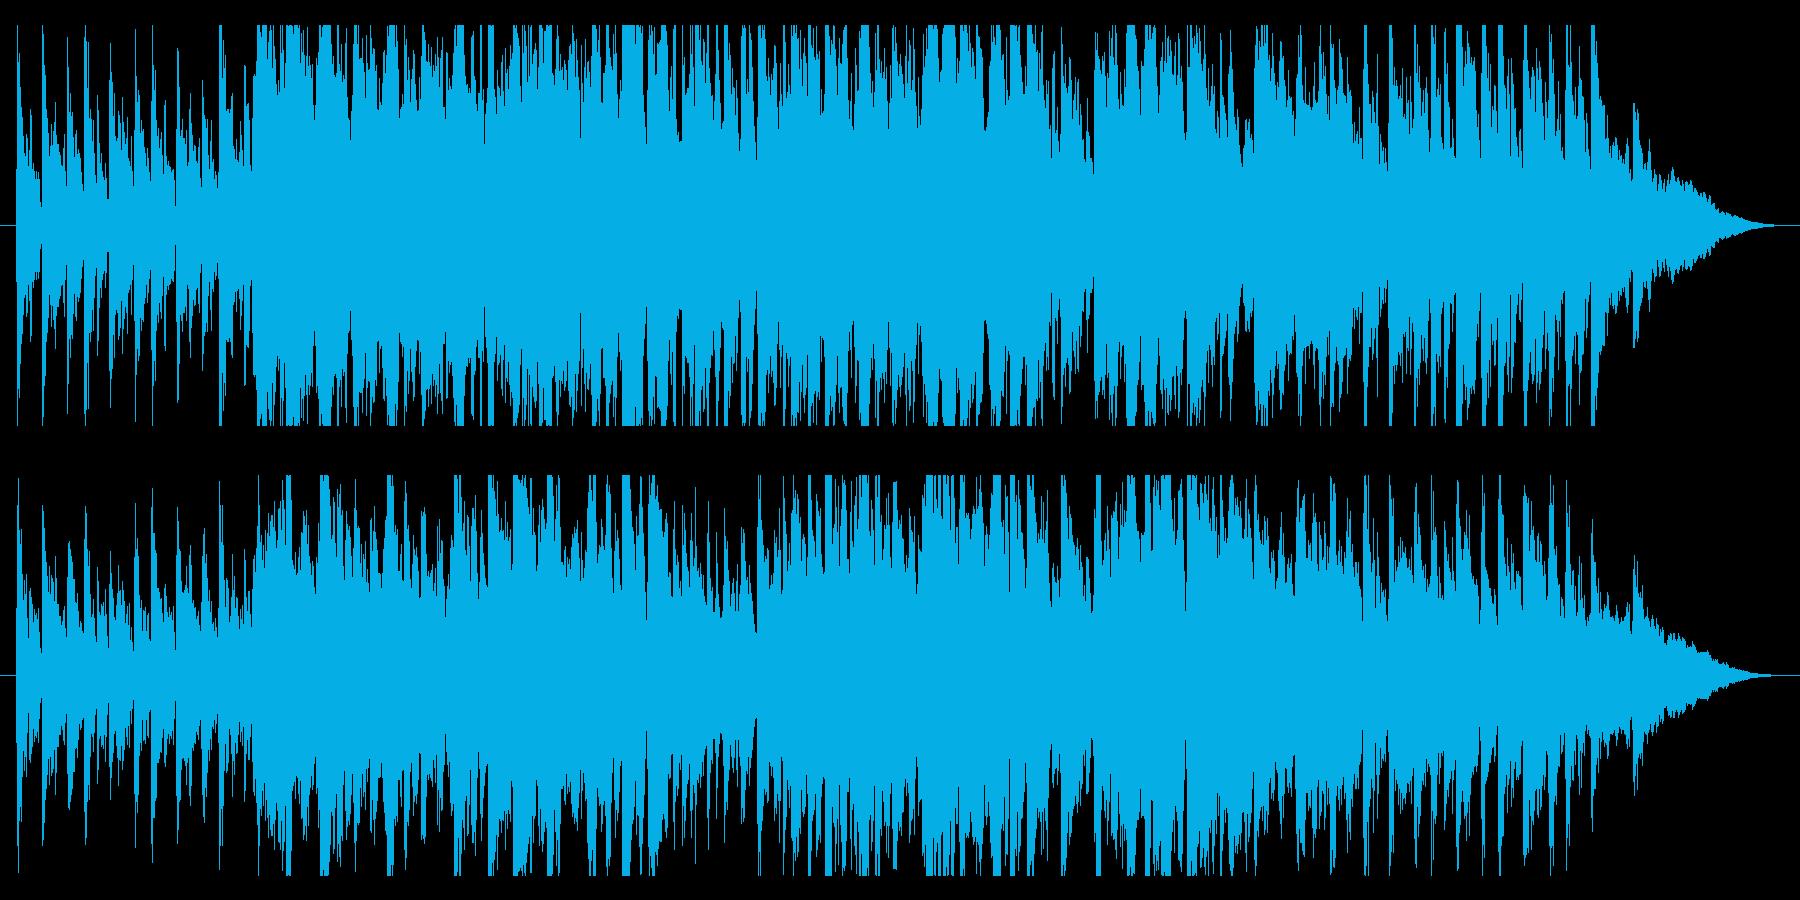 広告用BGM トロピカルハウス 1分以内の再生済みの波形